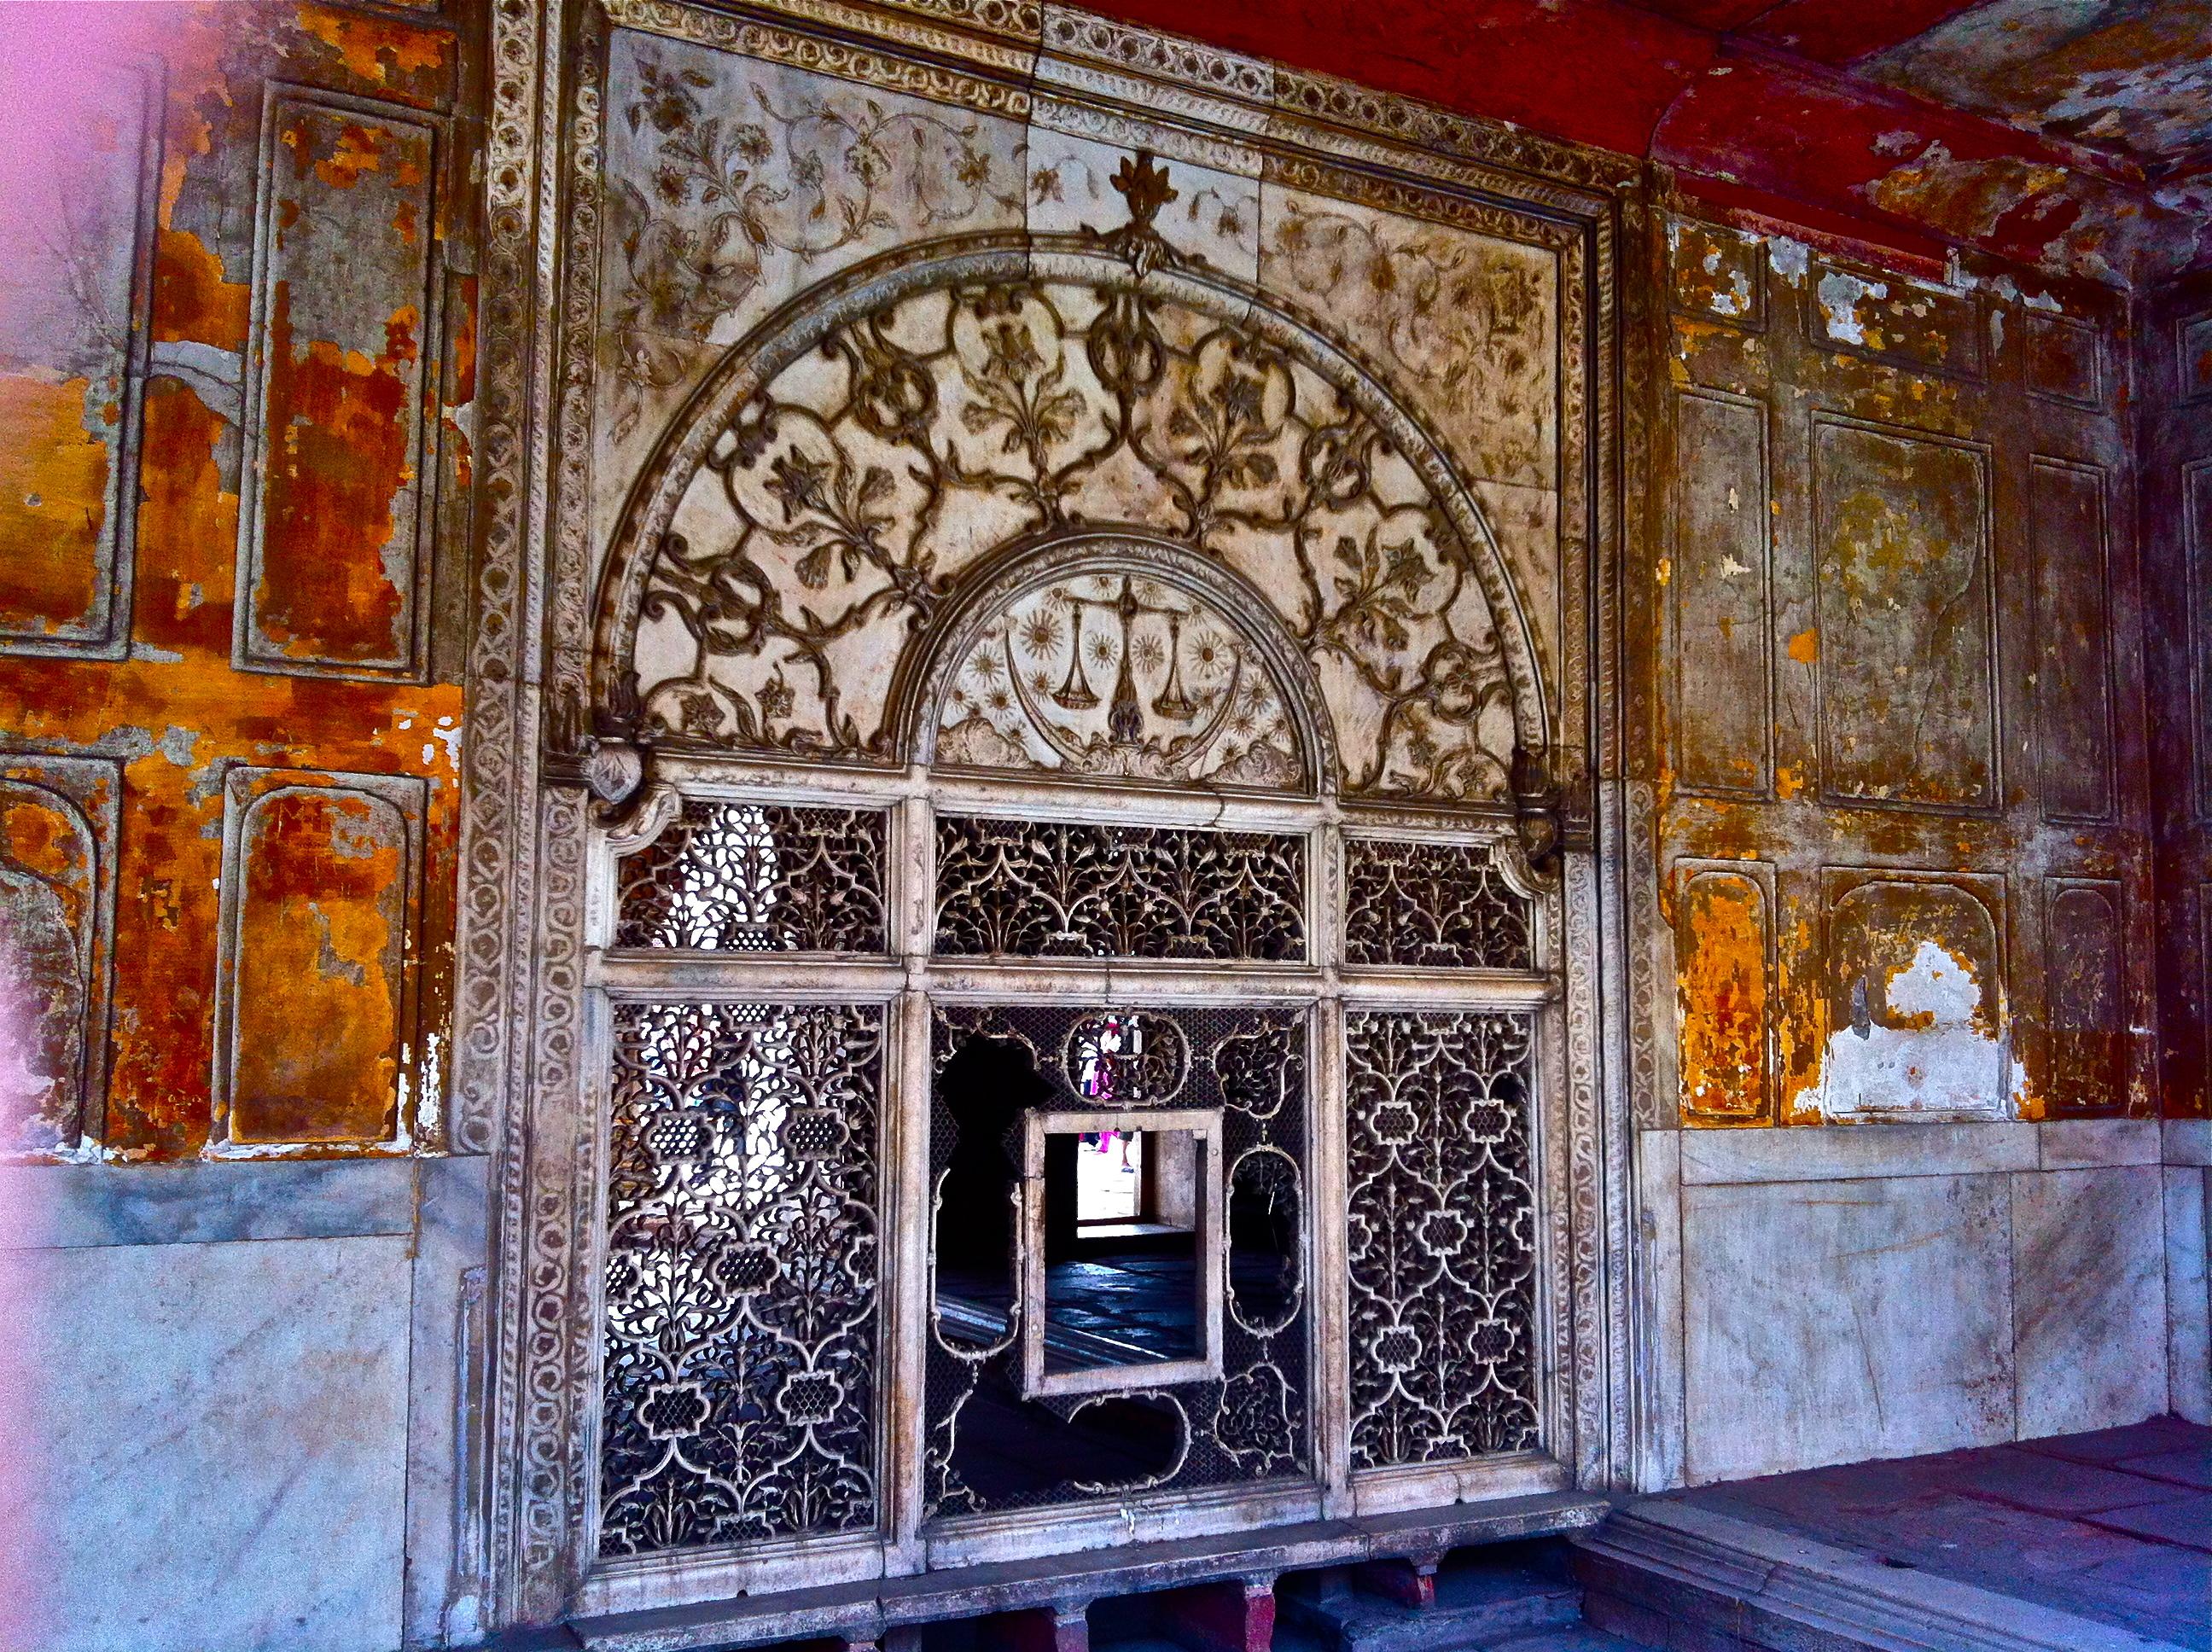 Who Built Red Fort in Delhi File:red Fort Delhi